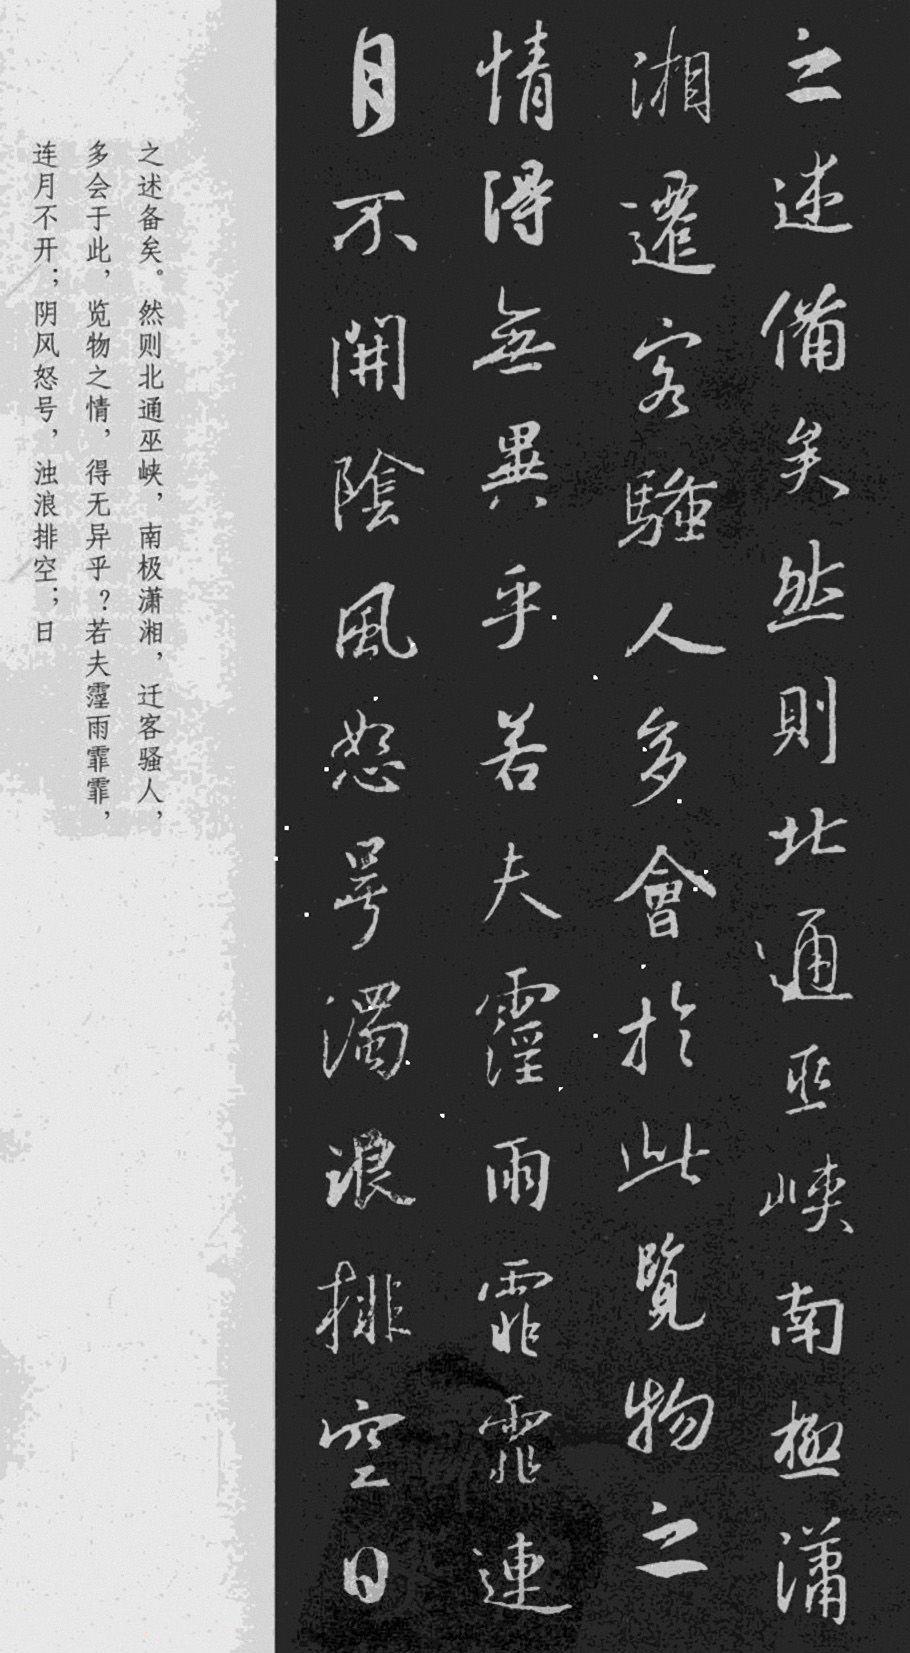 王羲之书法《岳阳楼记》行书(一)